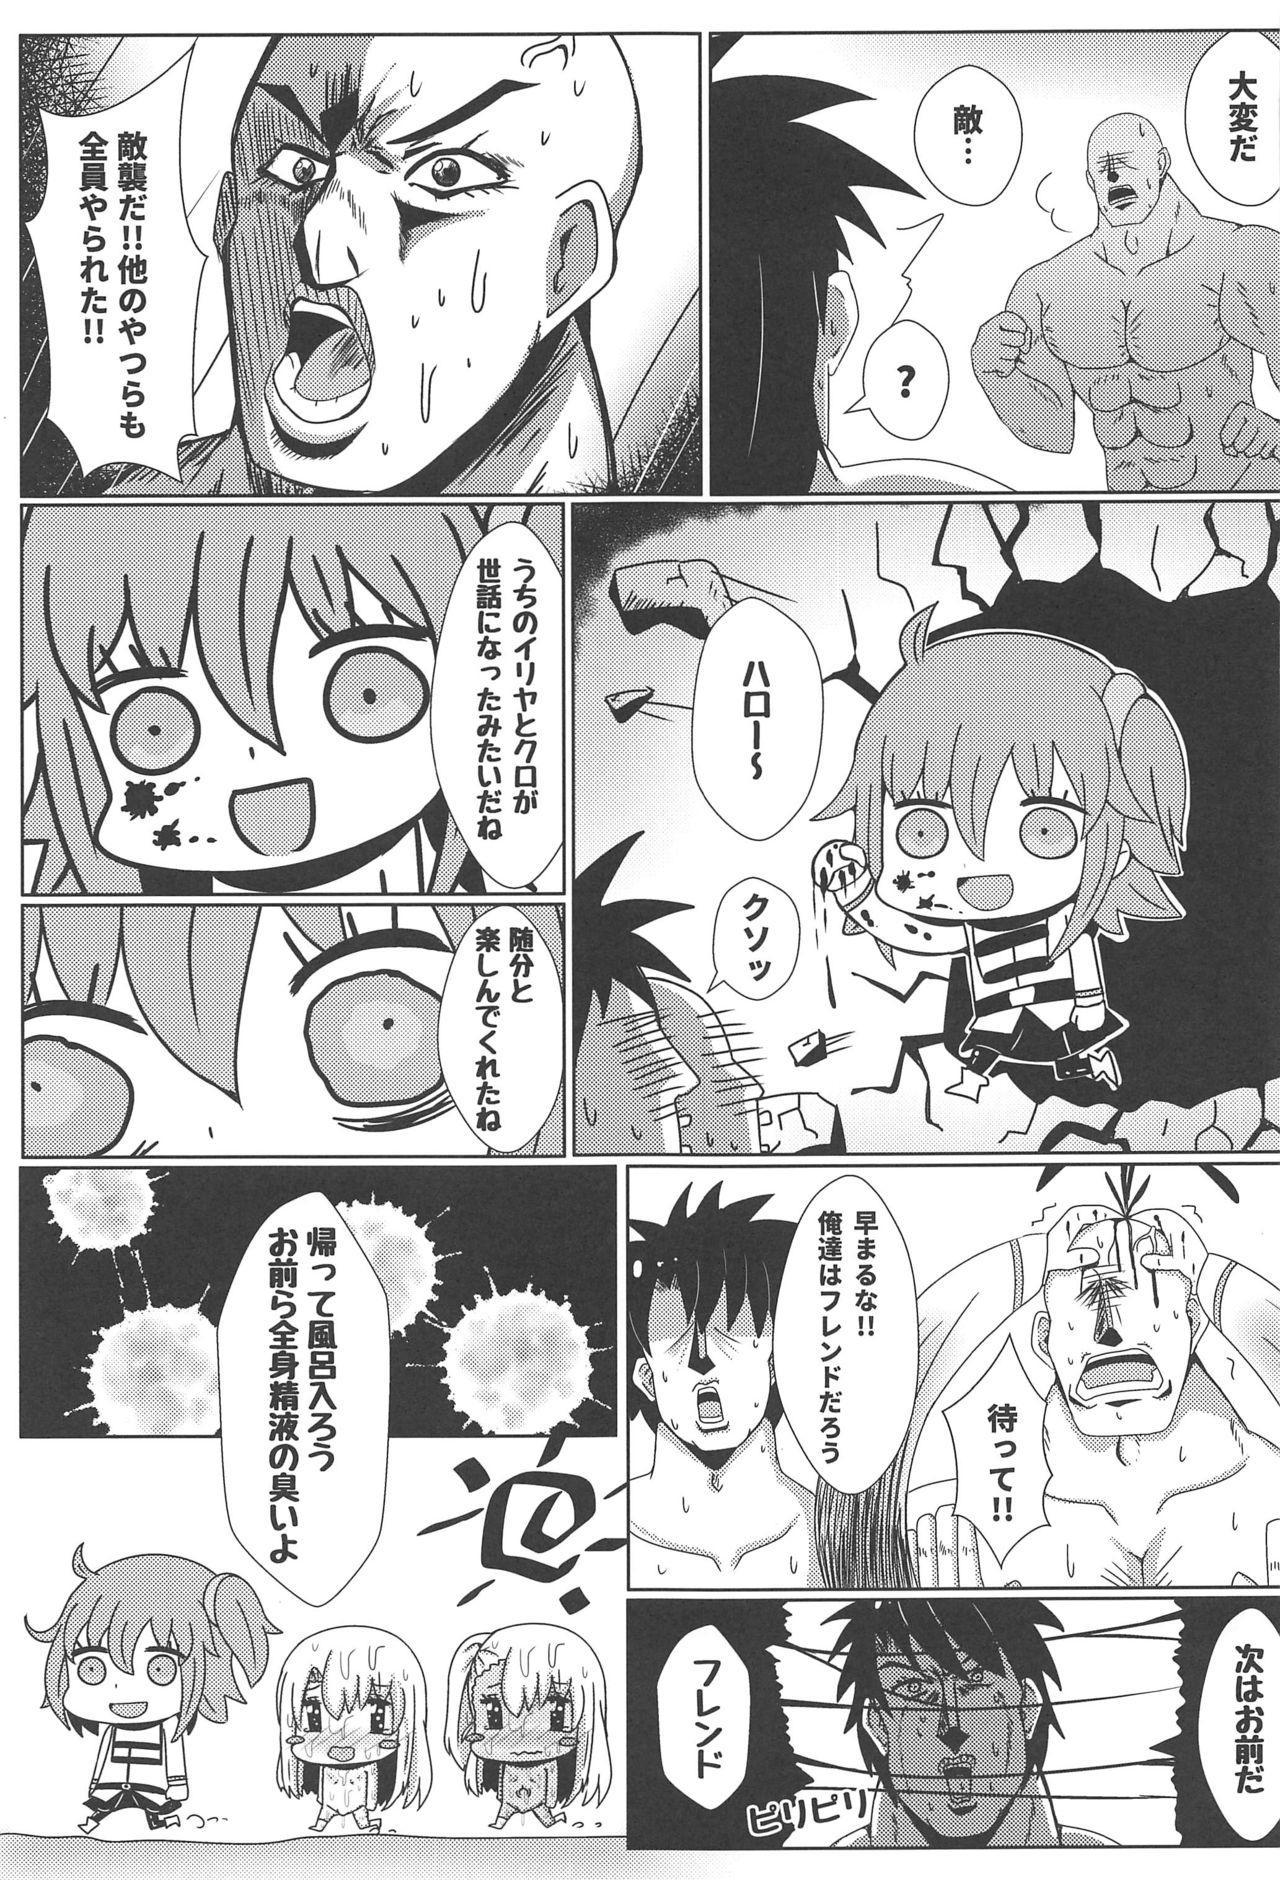 Mahou no Koushuu Toile Illya FUCK Hikenai!! 23